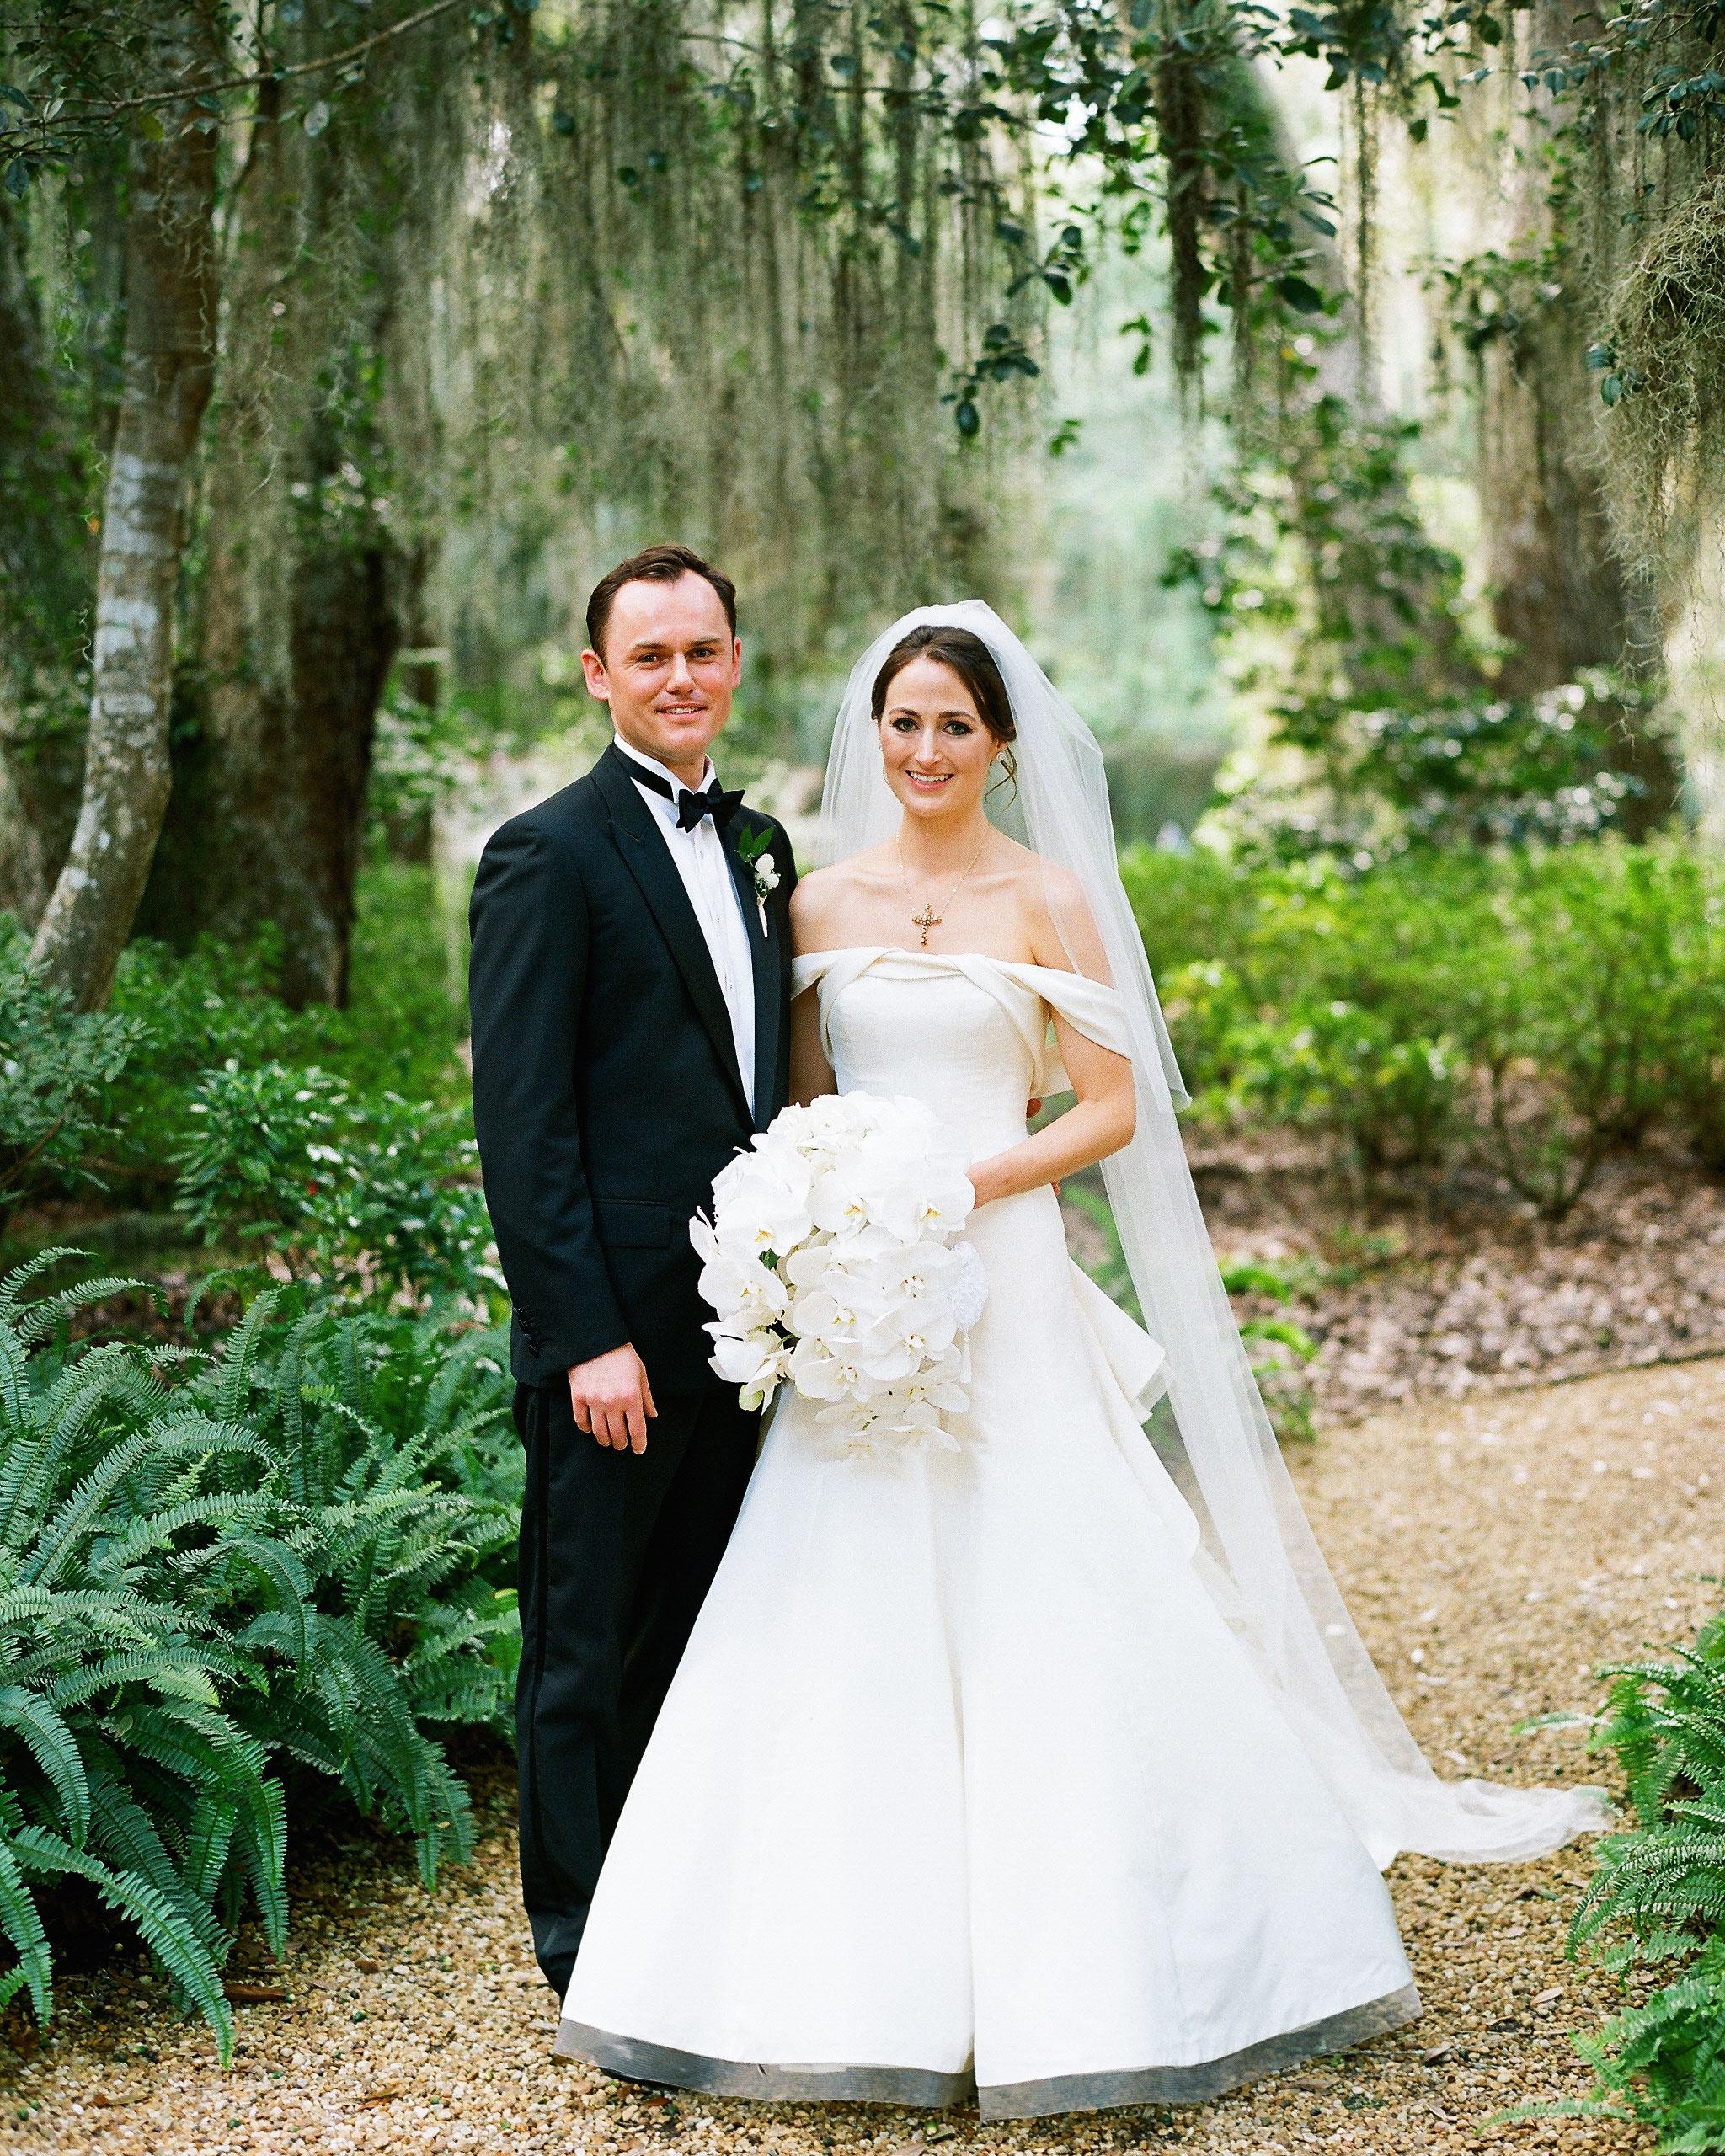 nancy-nathan-wedding-couple-0789-6141569-0816.jpg